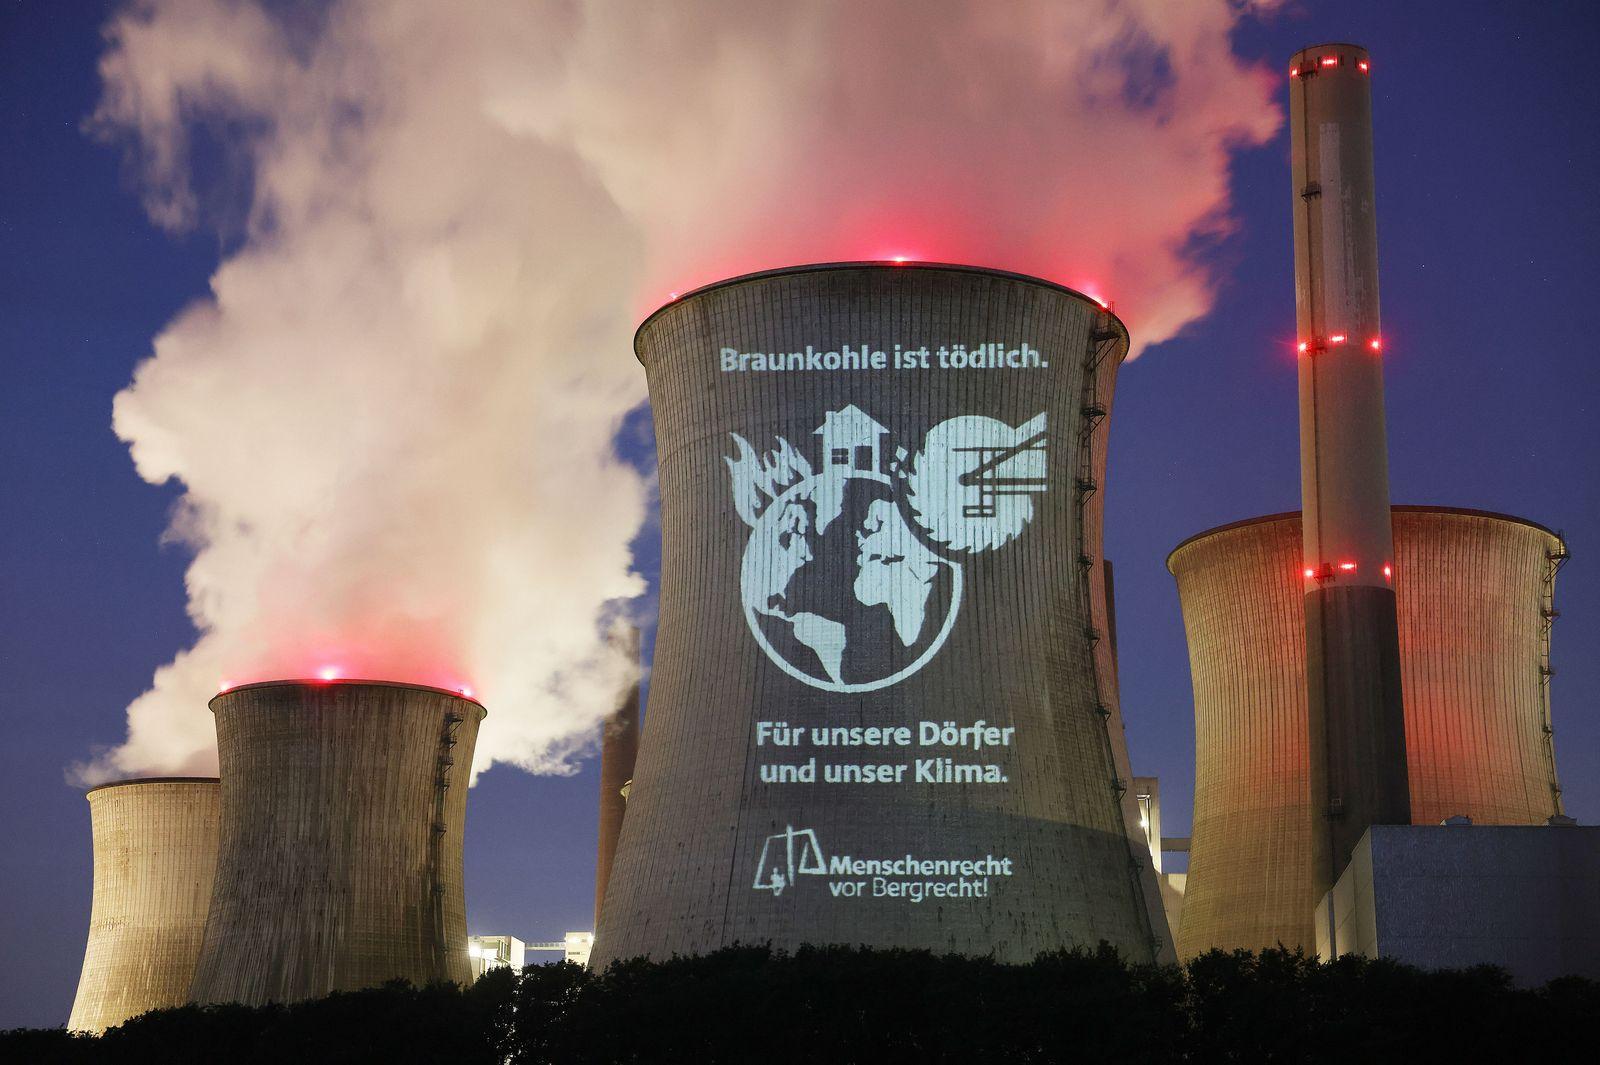 Forderung nach Kohleausstieg auf RWE-Kraftwerk projiziert